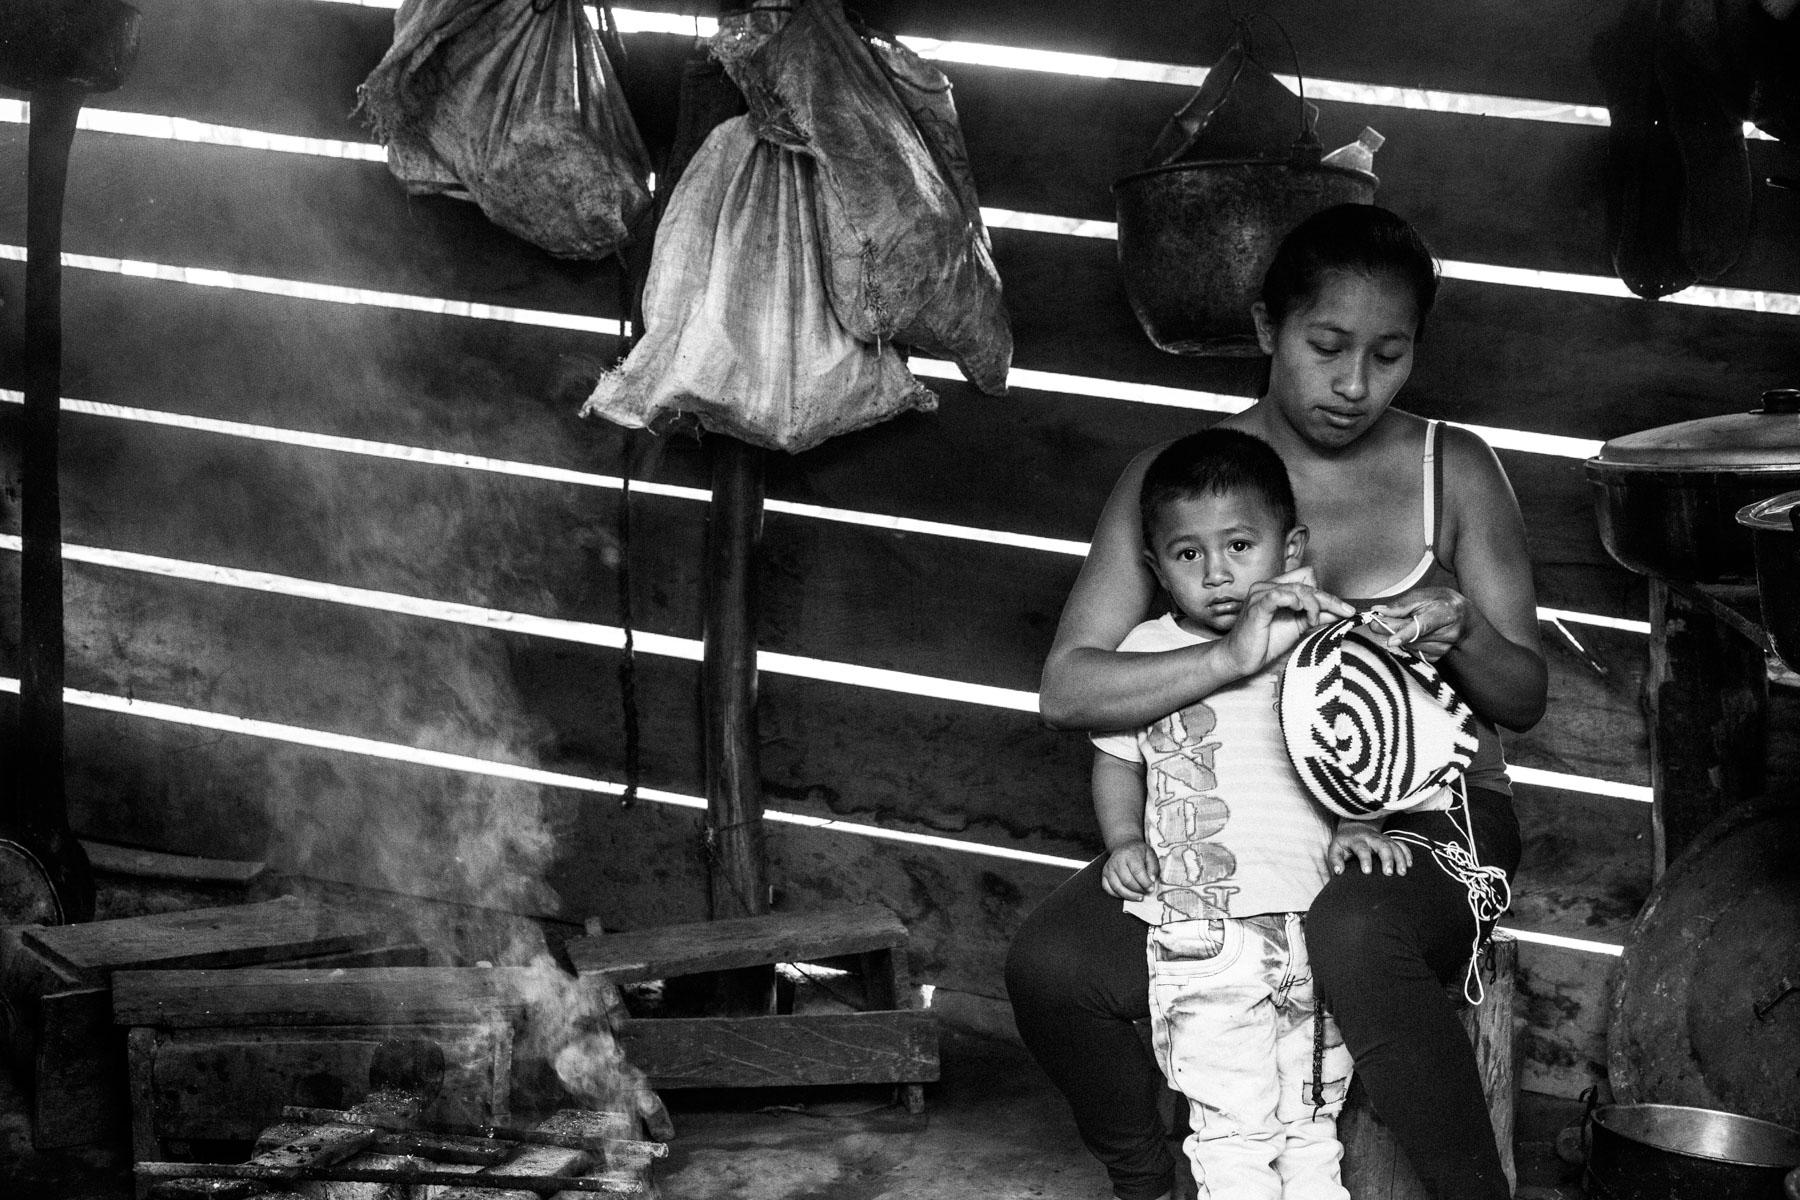 Maria Elena Uscue Ul (21 años) con su hijo David Pavi Nuscue (3 años), La Primicia, Resguardo San Francisco. Cauca, Colombia, Agosto 19, 2018.